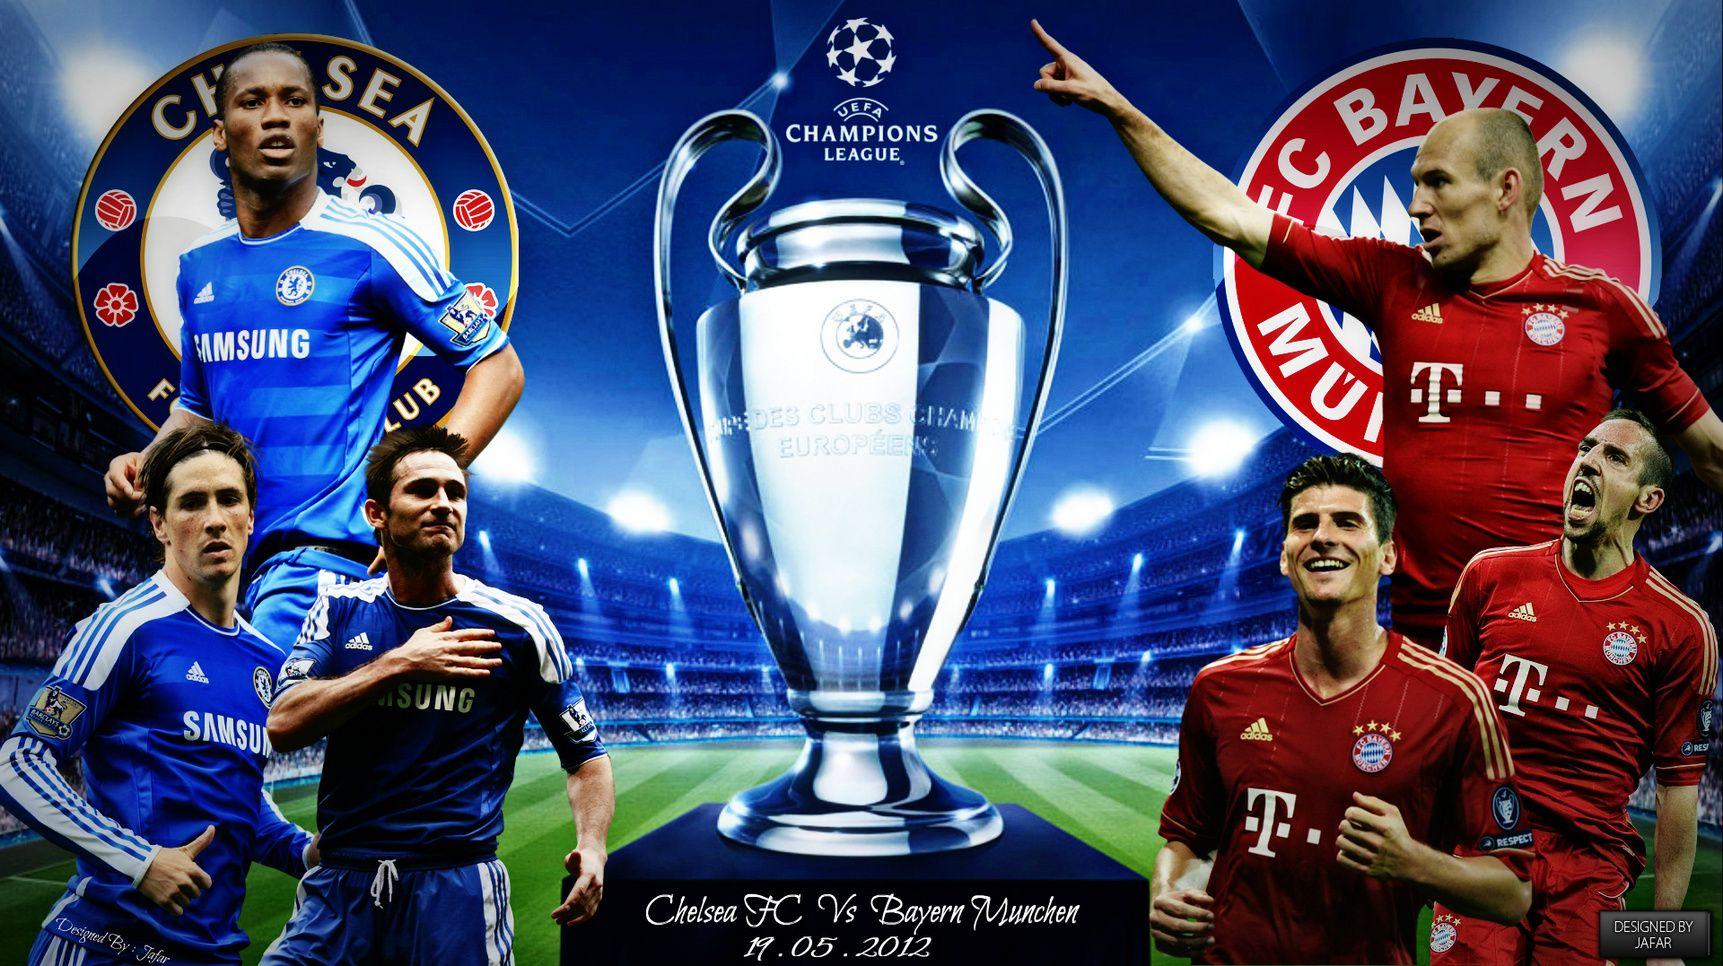 Chelsea FC Champions League Wallpaper